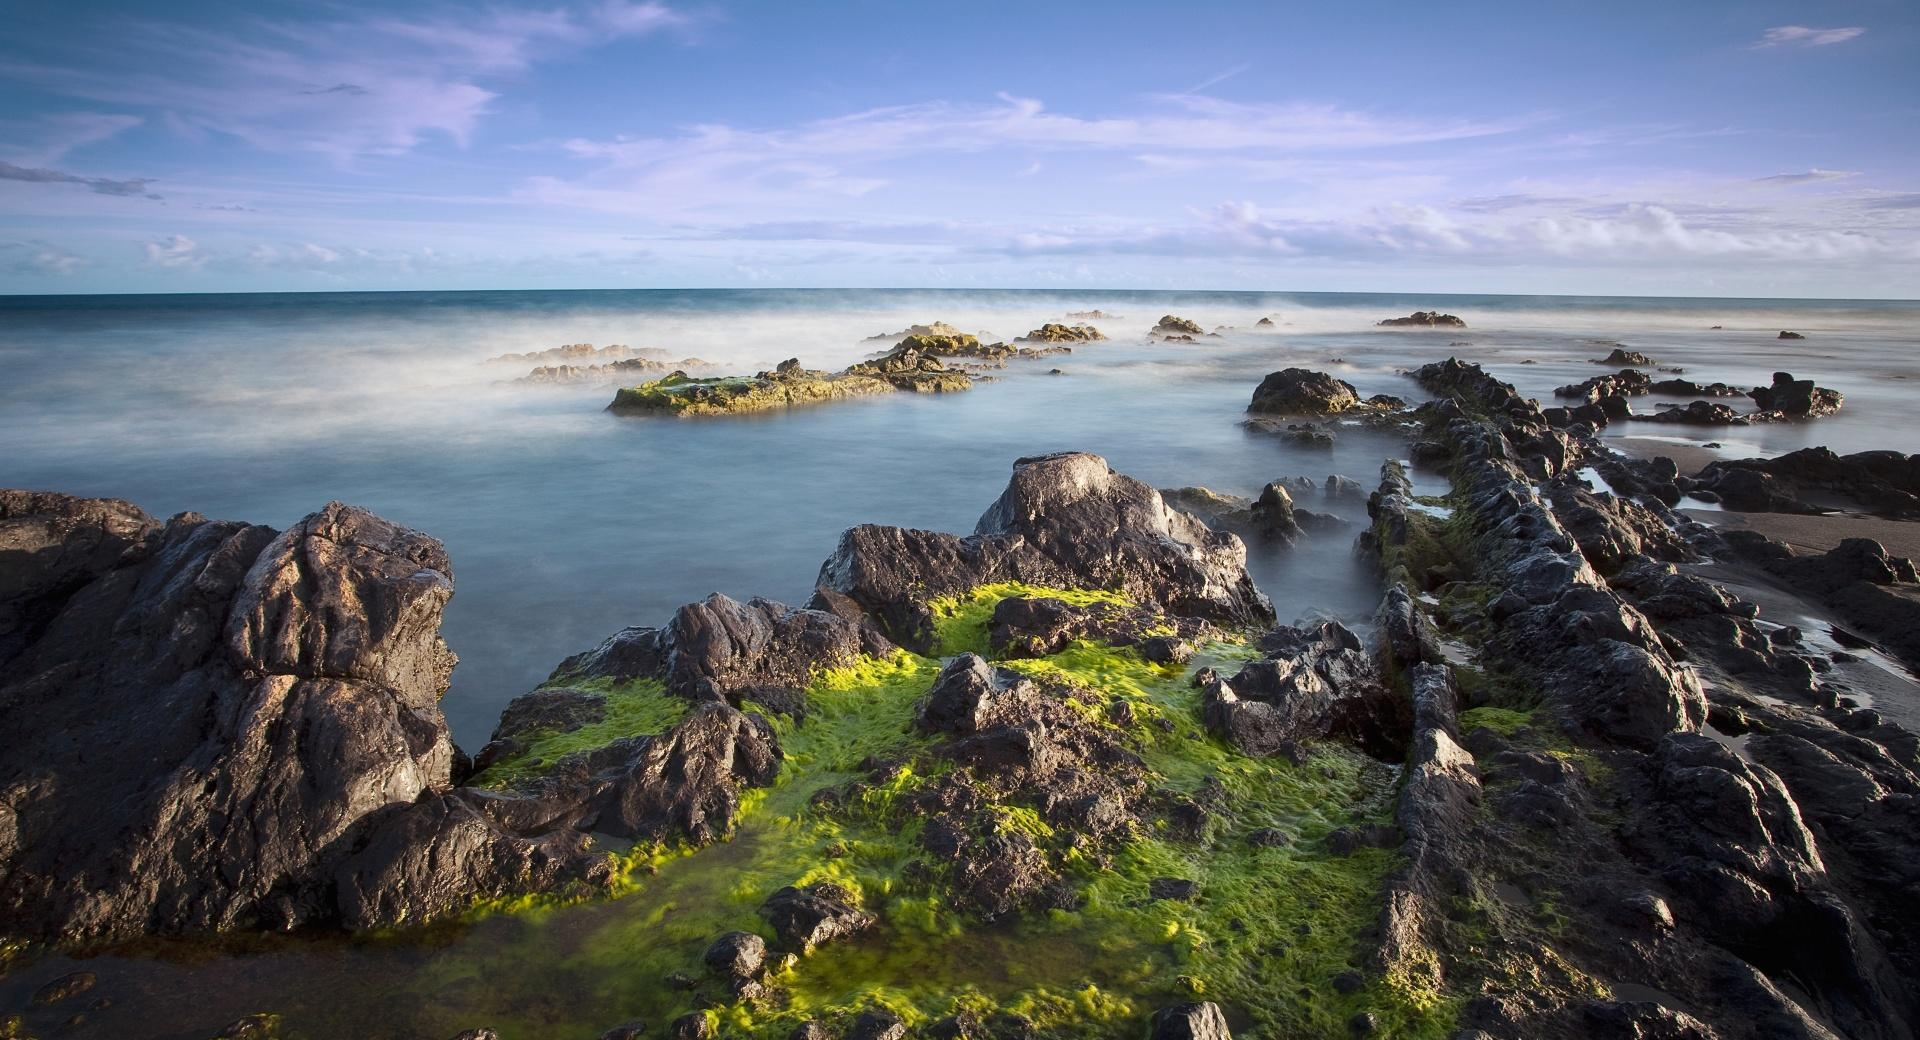 Algae On Rocks wallpapers HD quality